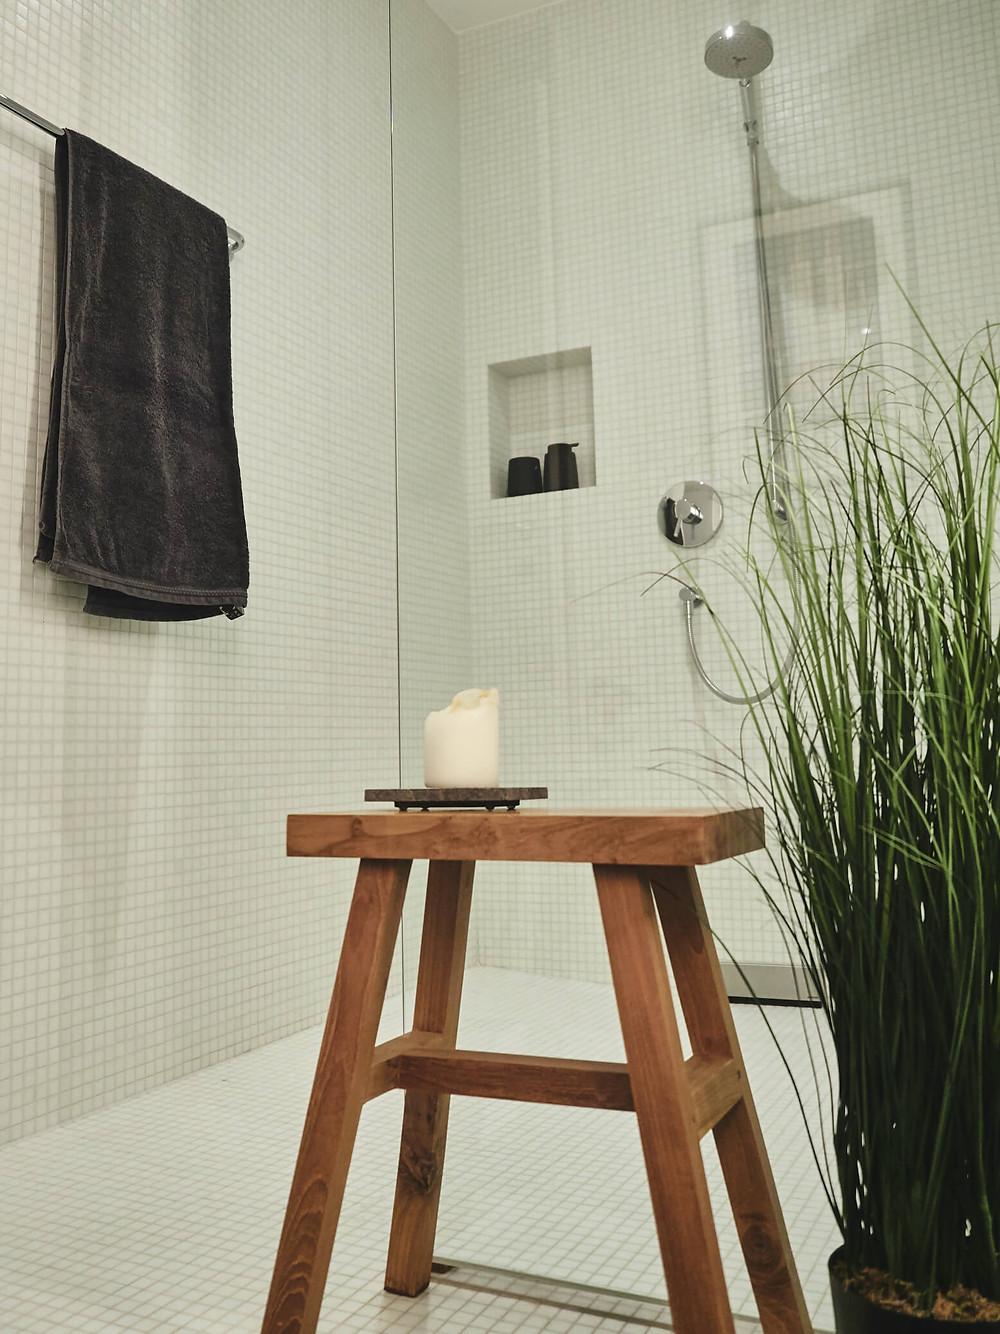 Pflanze, Holz, Accessoires und Dusche